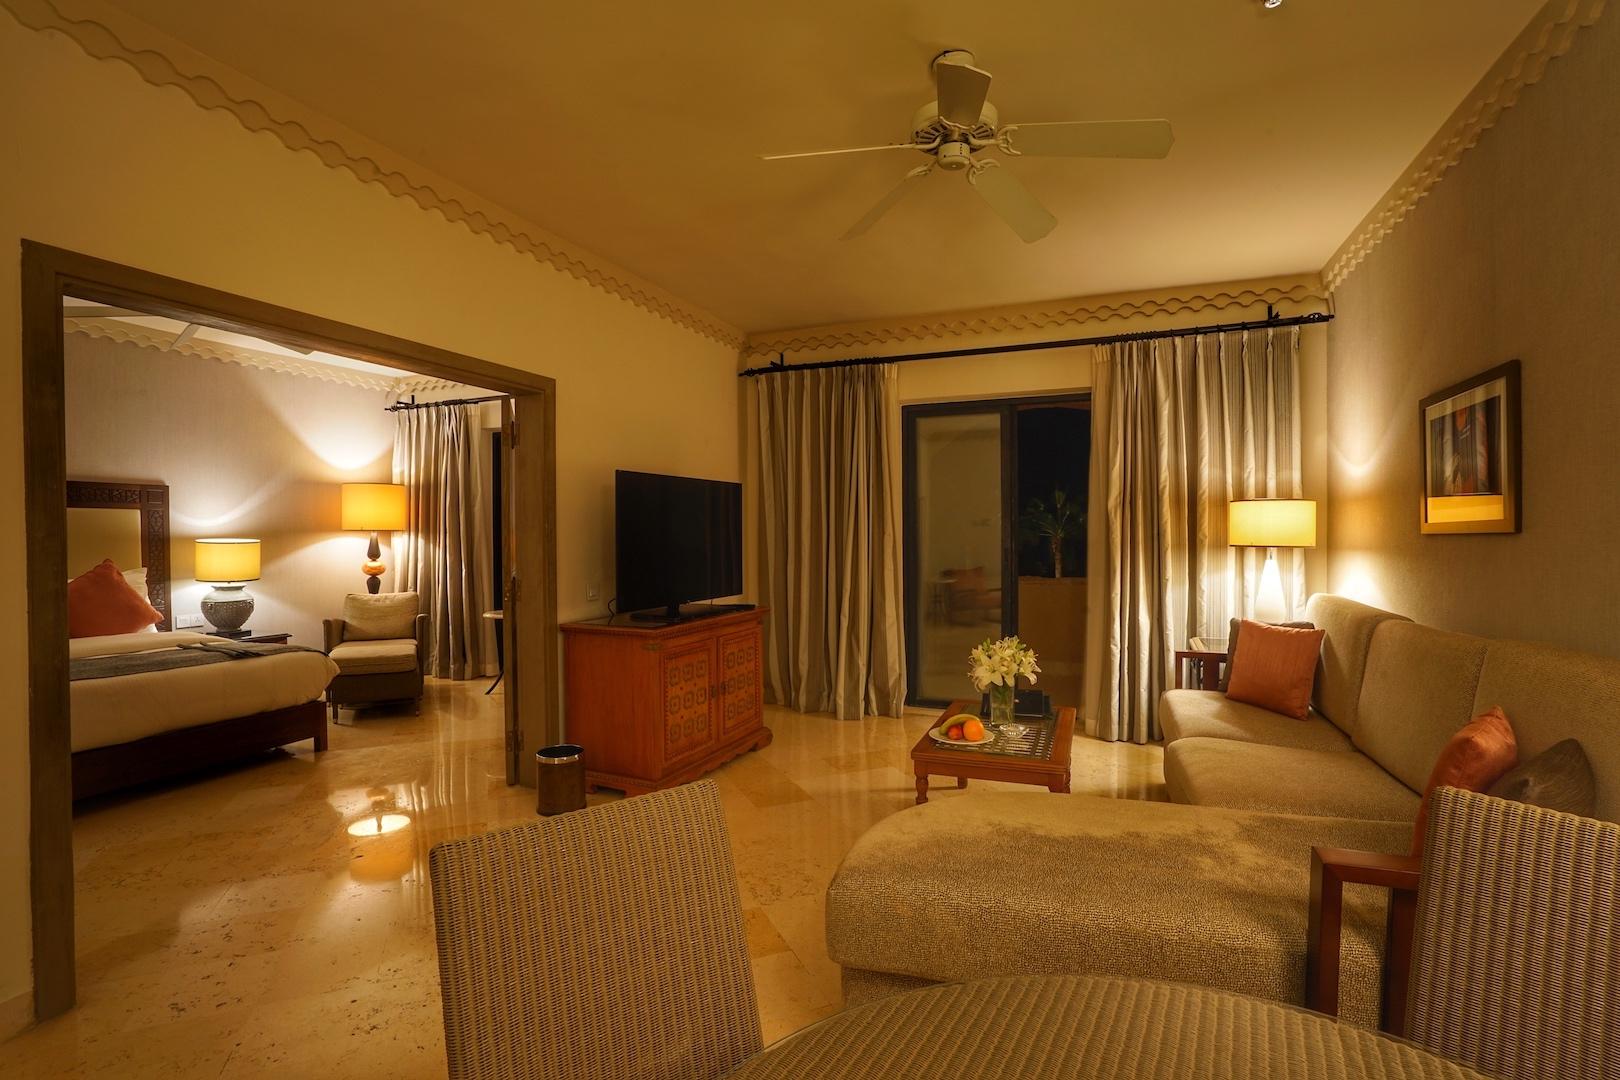 Die Deluxe Gästezimmer im Haupthaus garantieren einen besonderen Blick über die 5 Sterne Anlage